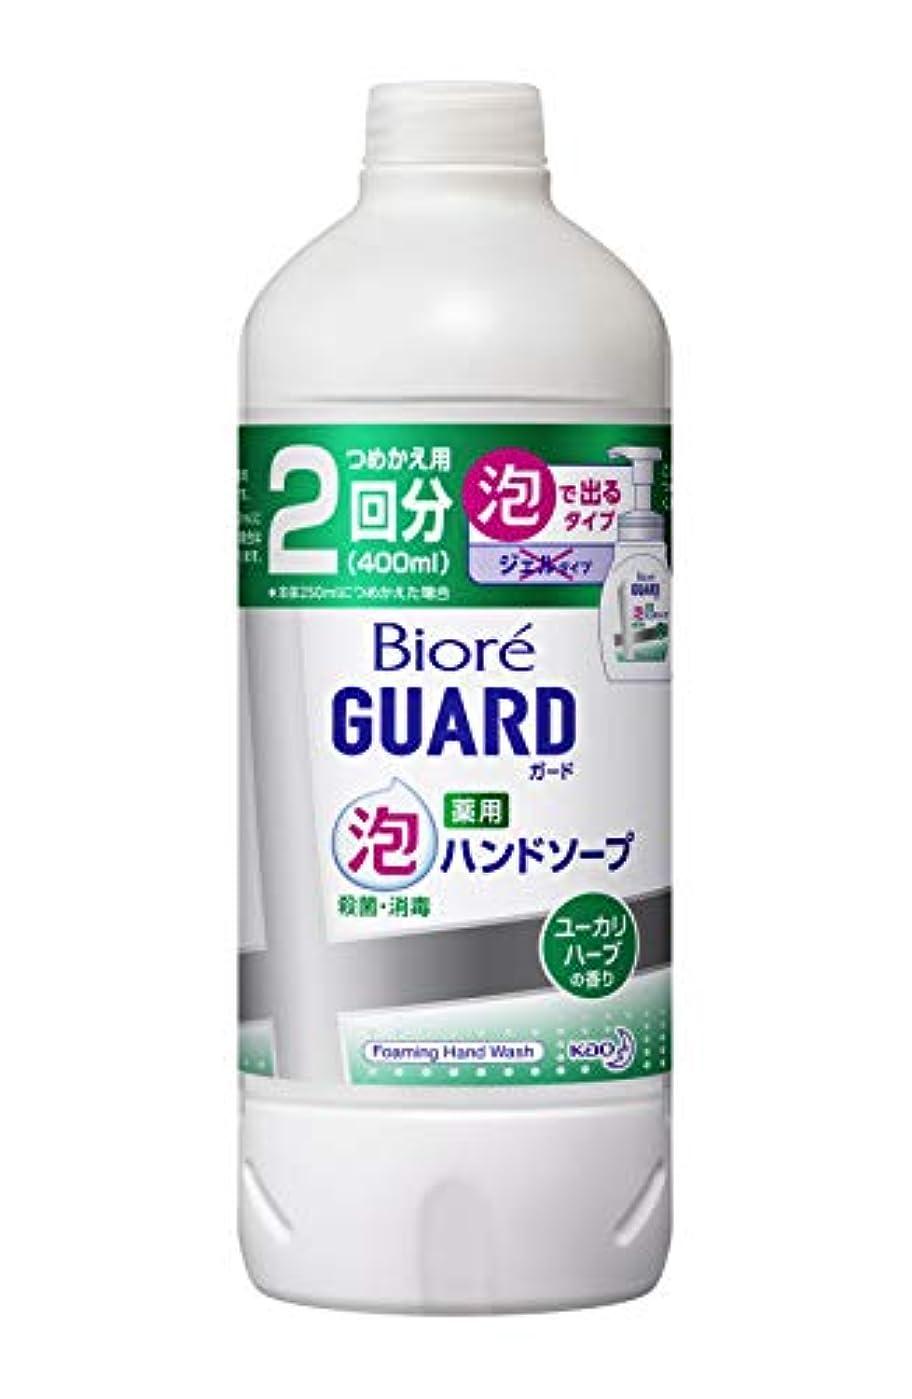 ステートメント発症依存ビオレガード薬用泡ハンドソープ ユーカリハーブの香り つめかえ用 400ml